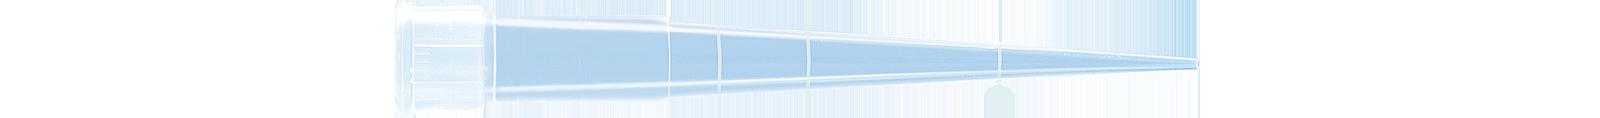 PONTEIRA AZUL 101-1000uL, UNIVERSAL PCTE COM 250 UNIDADES